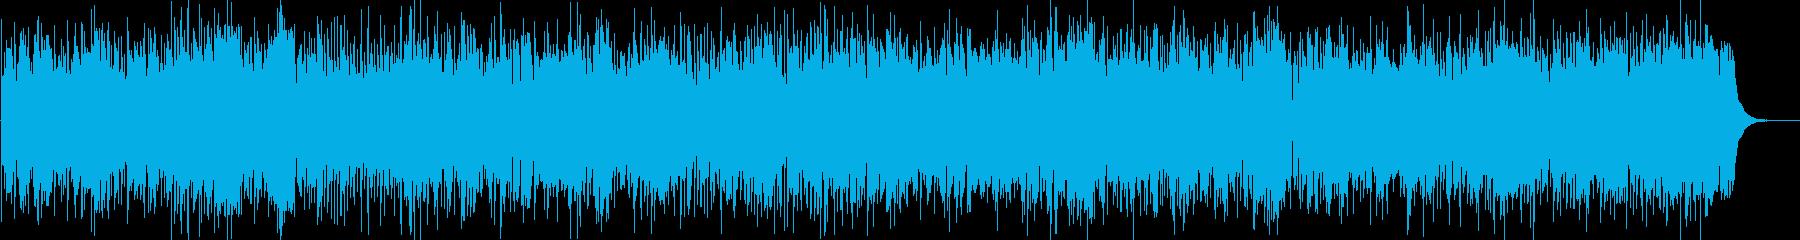 ほのぼのとしたカントリーBGMの再生済みの波形